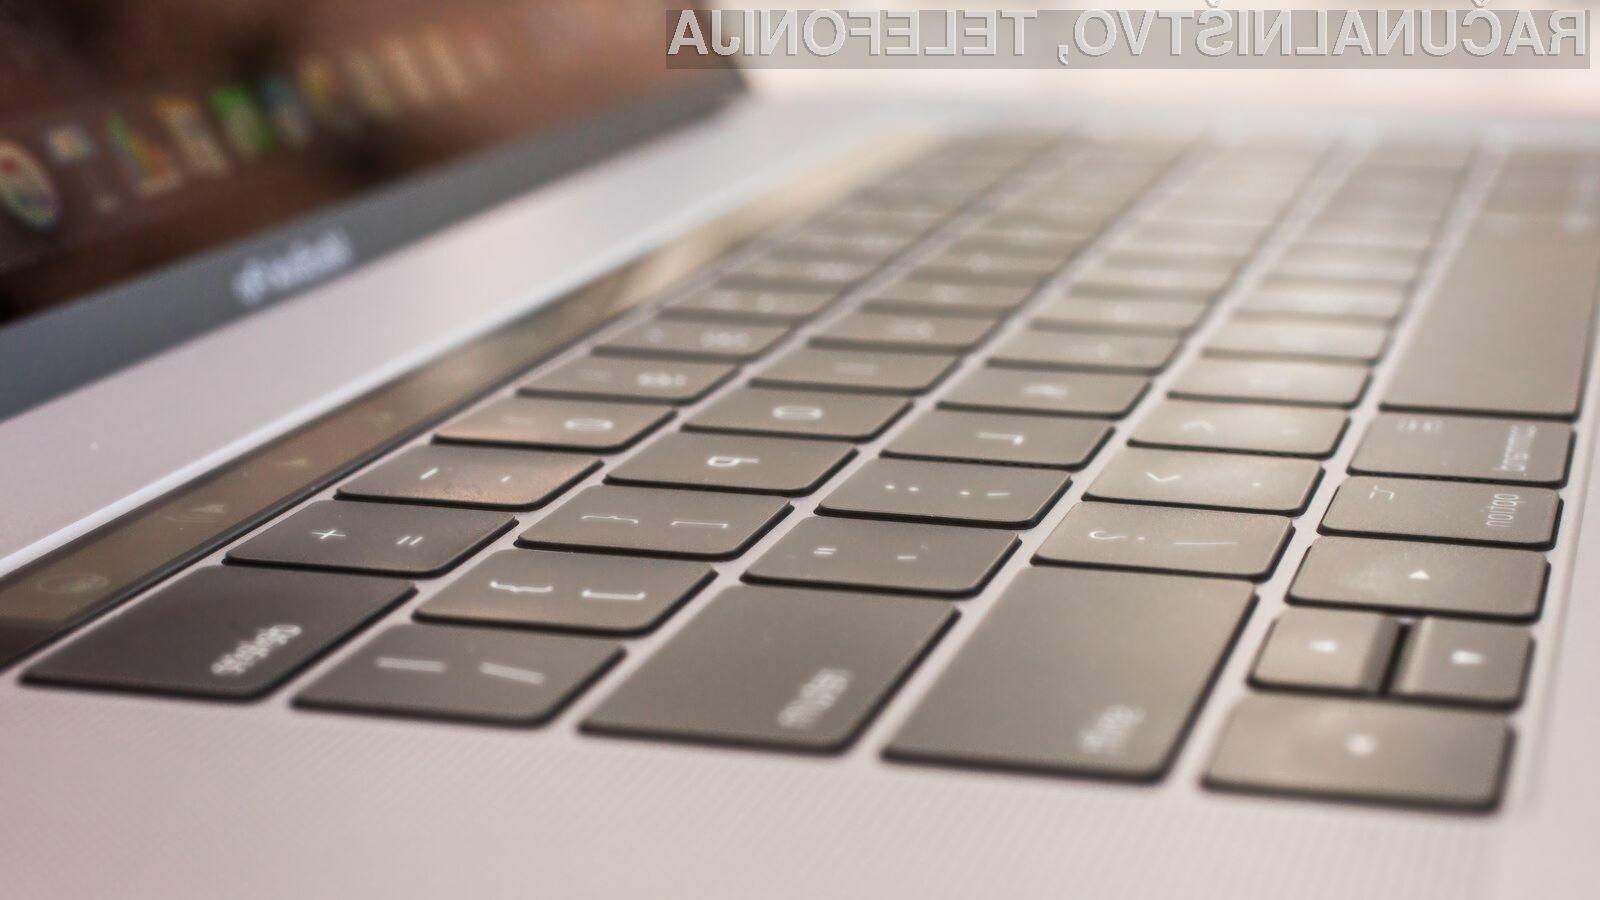 Novim prenosnikom Apple MacBook Pro zagotovo ne bo zmanjkalo moči!